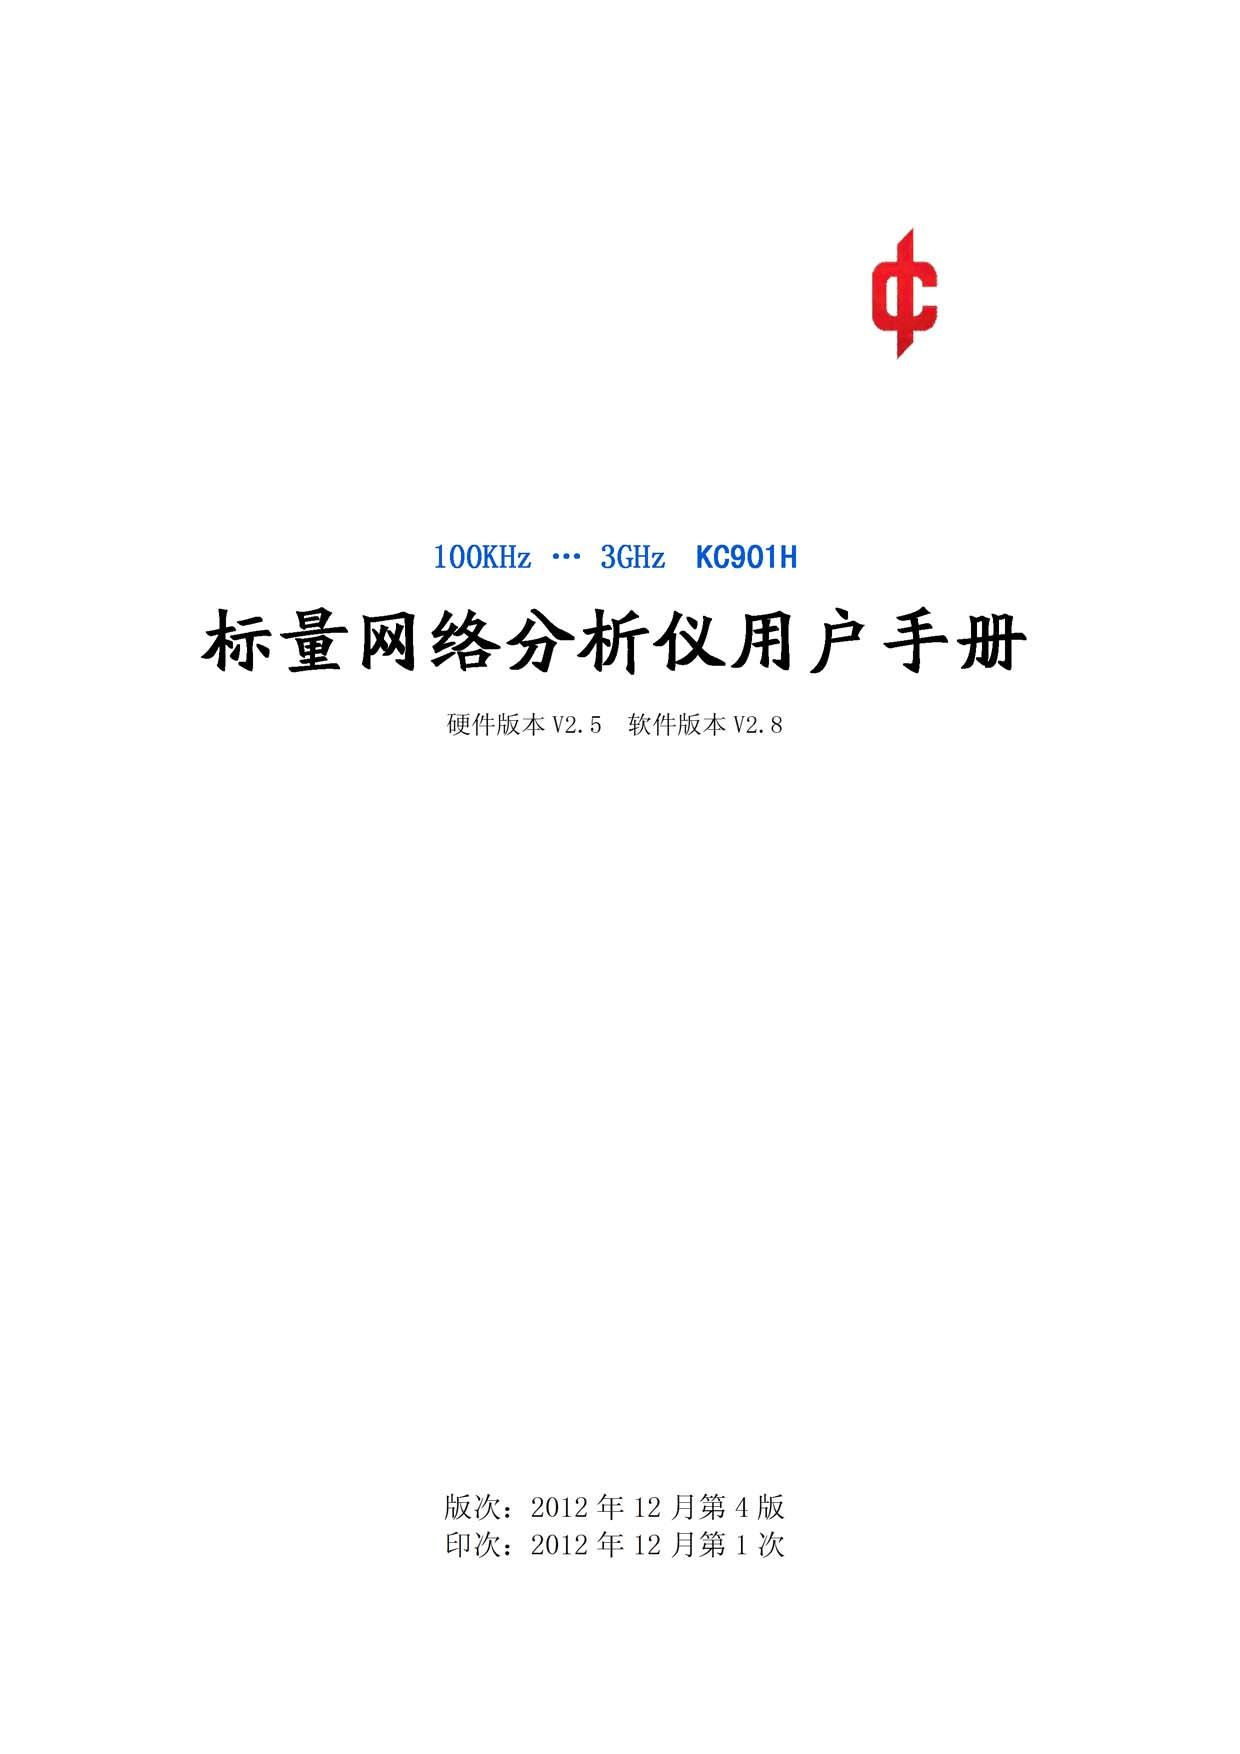 KC901H标量网络分析仪场强仪频谱仪用户手册第4版